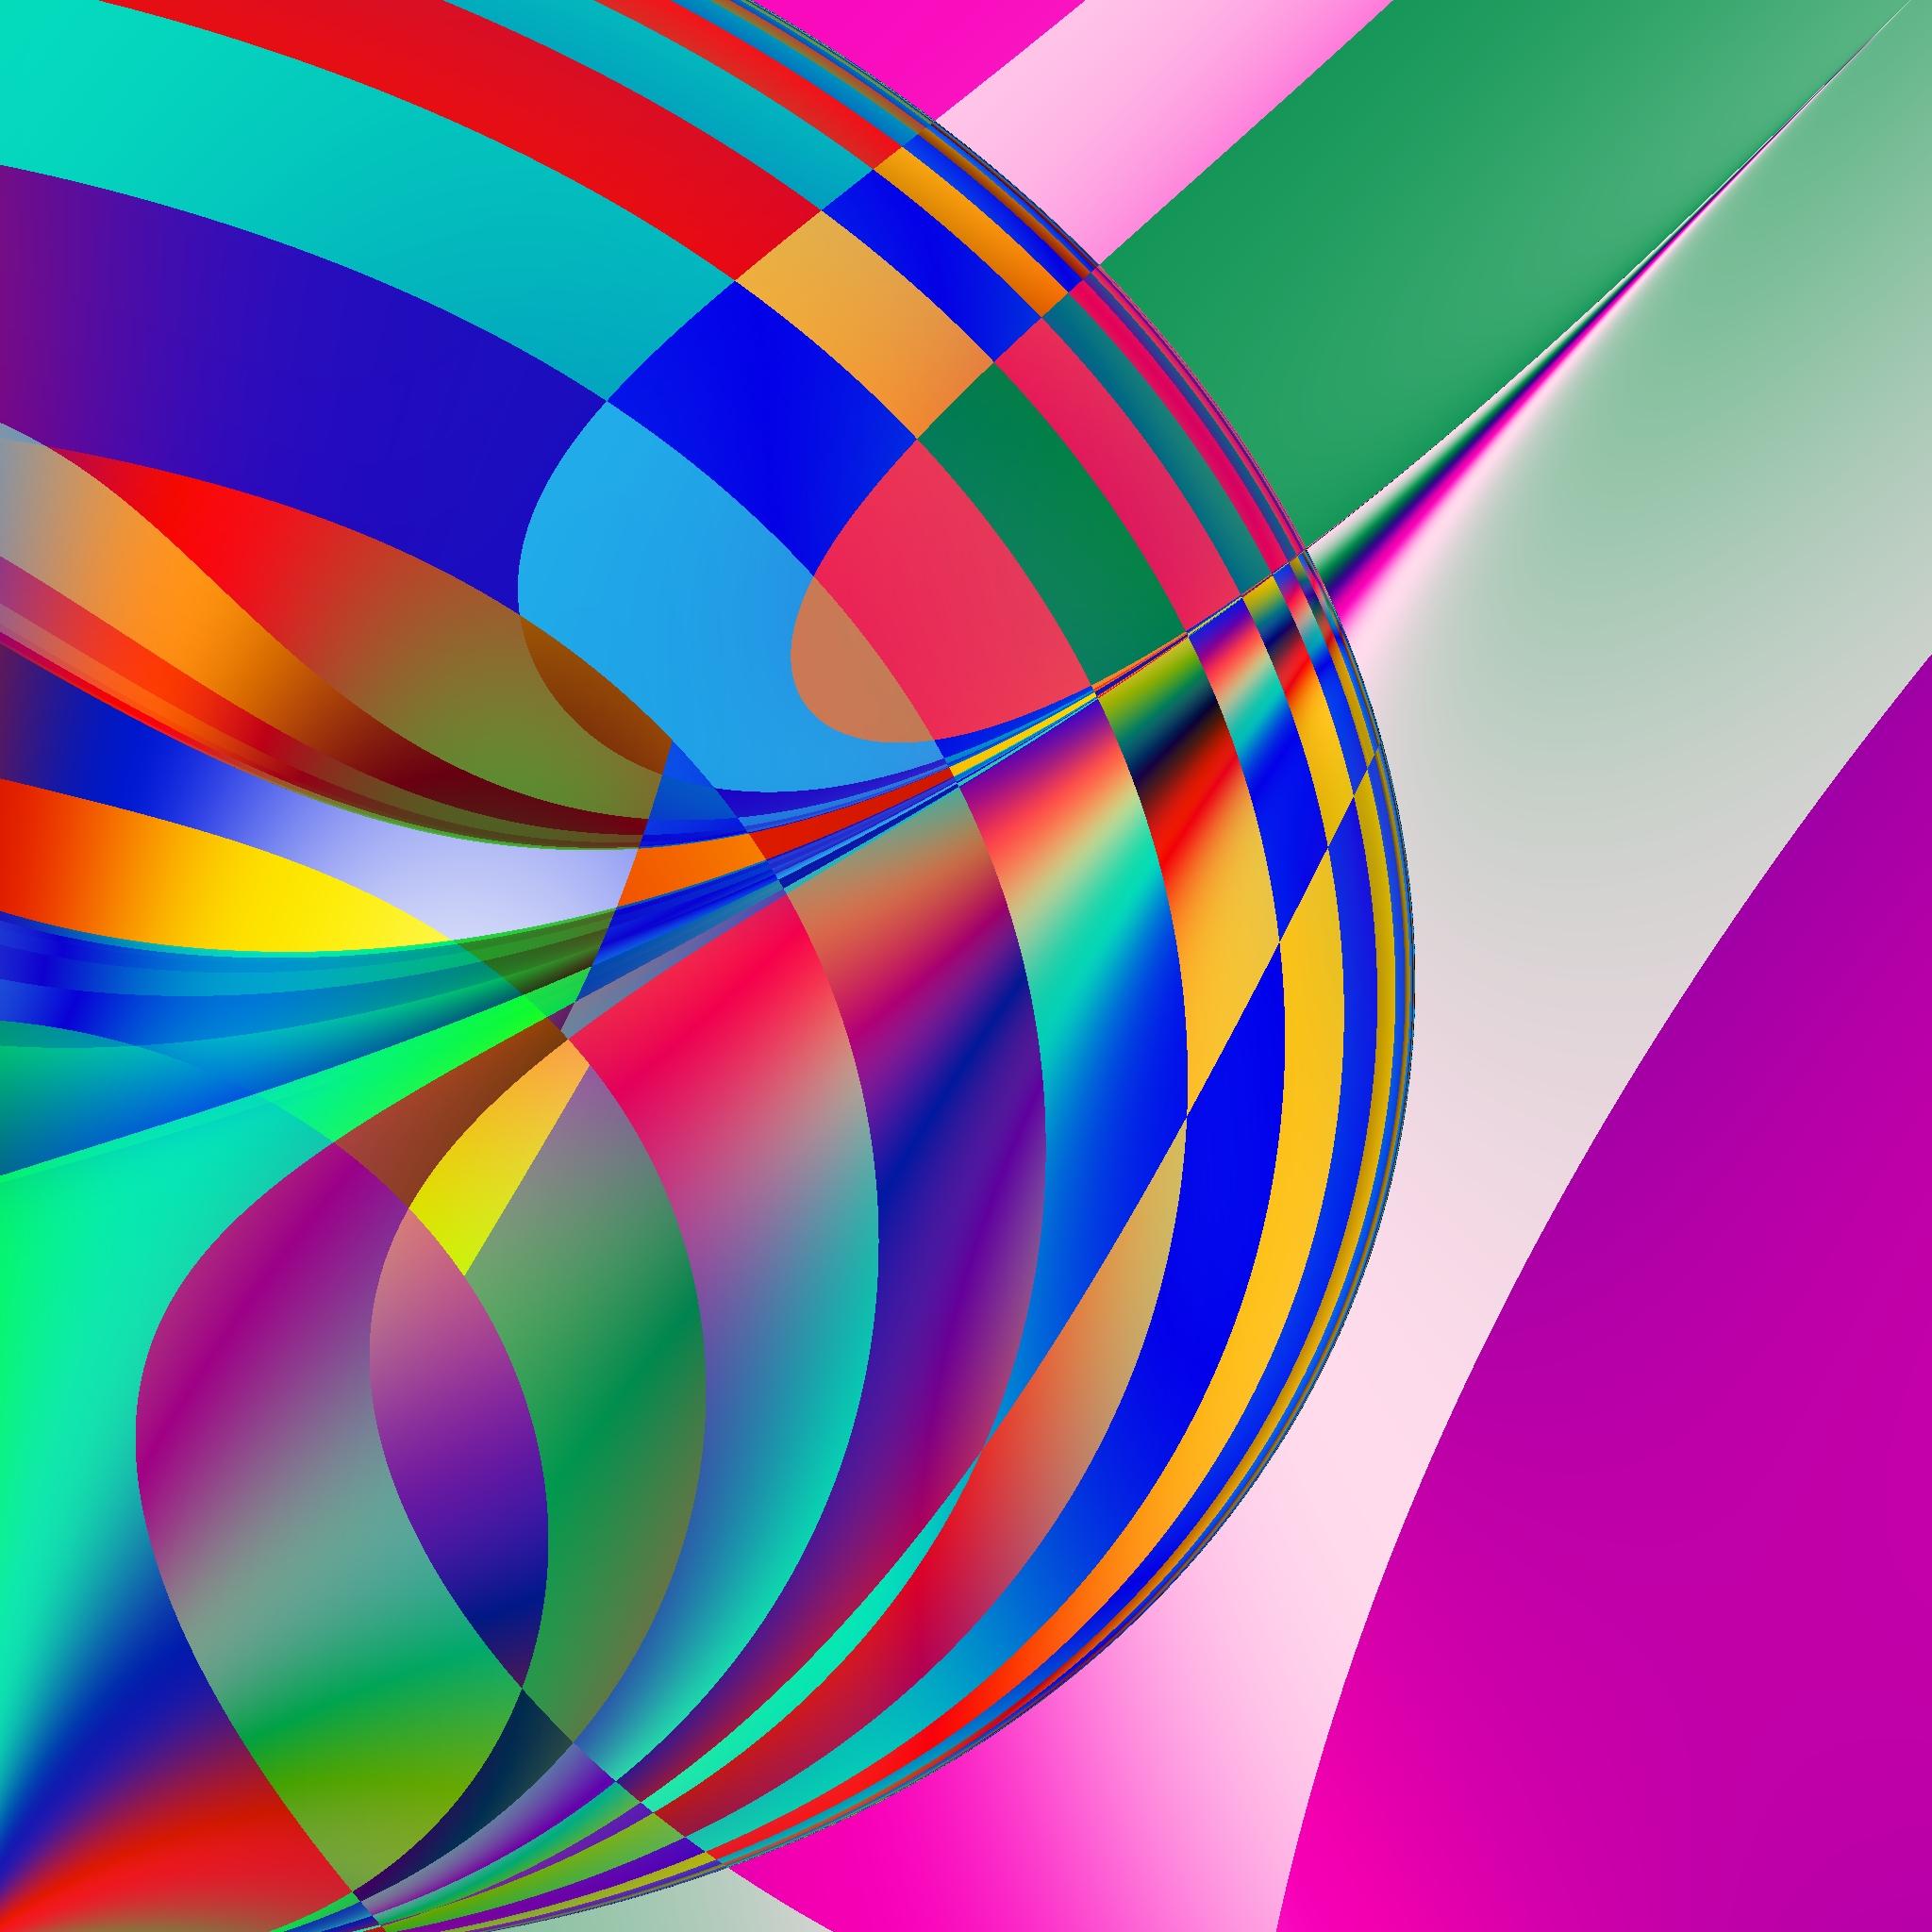 Sphere Vortex #2